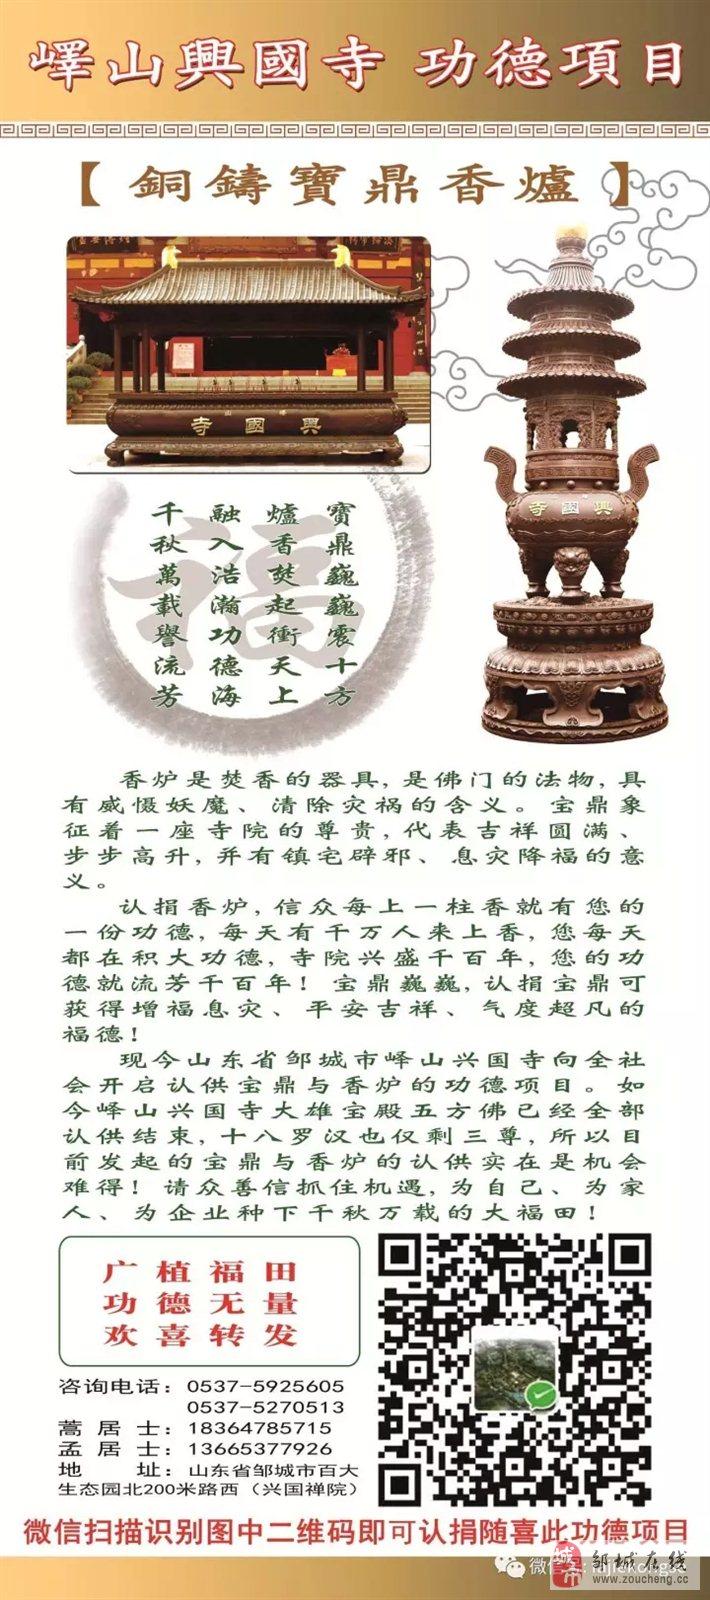 《入菩萨行论》忏悔罪业品(63)